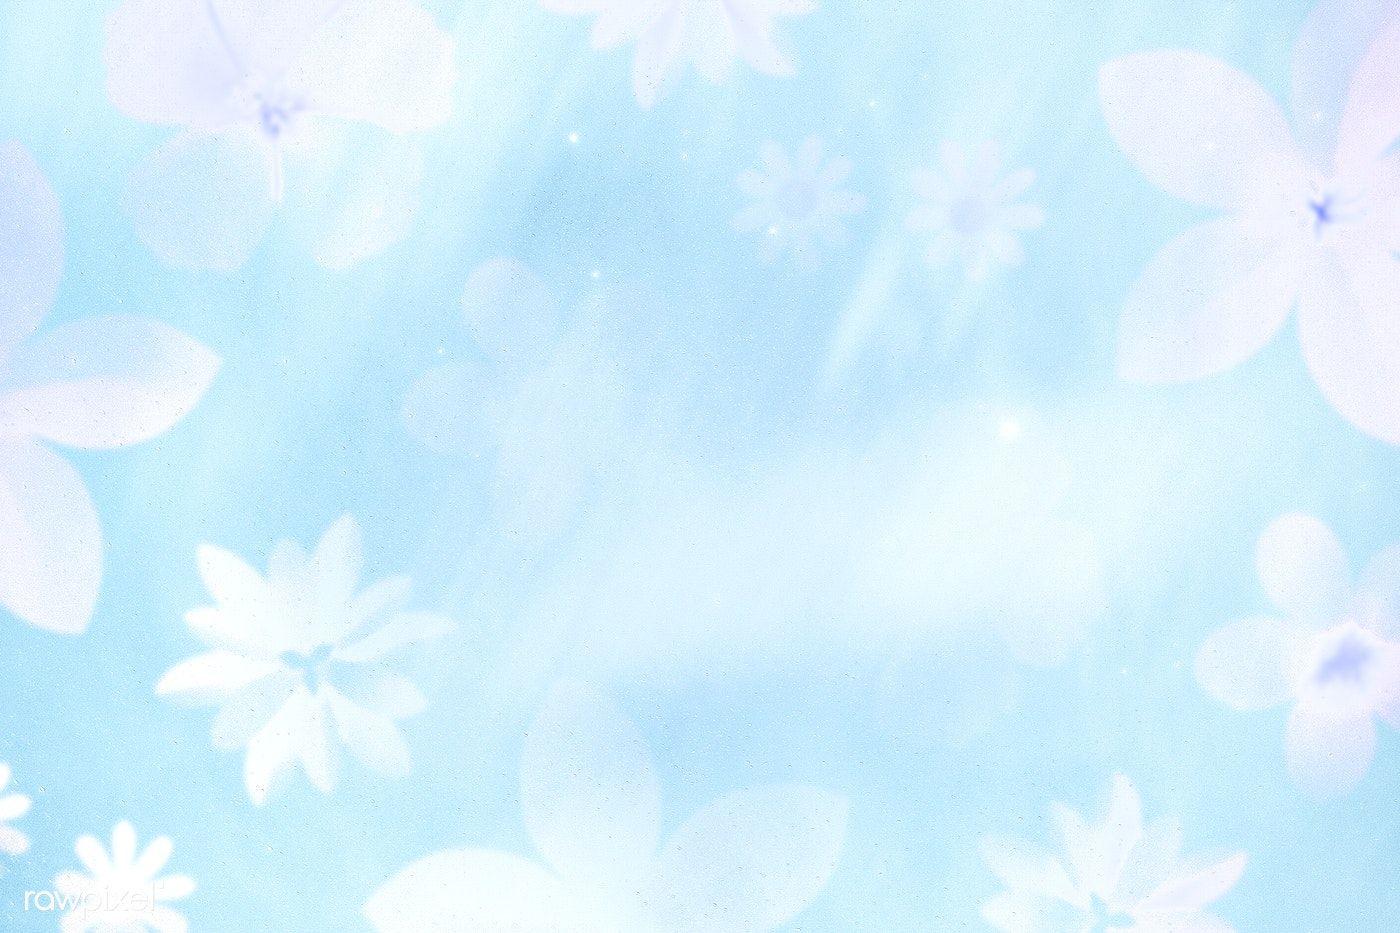 Download Premium Illustration Of Flower Patterned Light Blue Background Blue Background Wallpapers Blue Backgrounds Light Blue Background